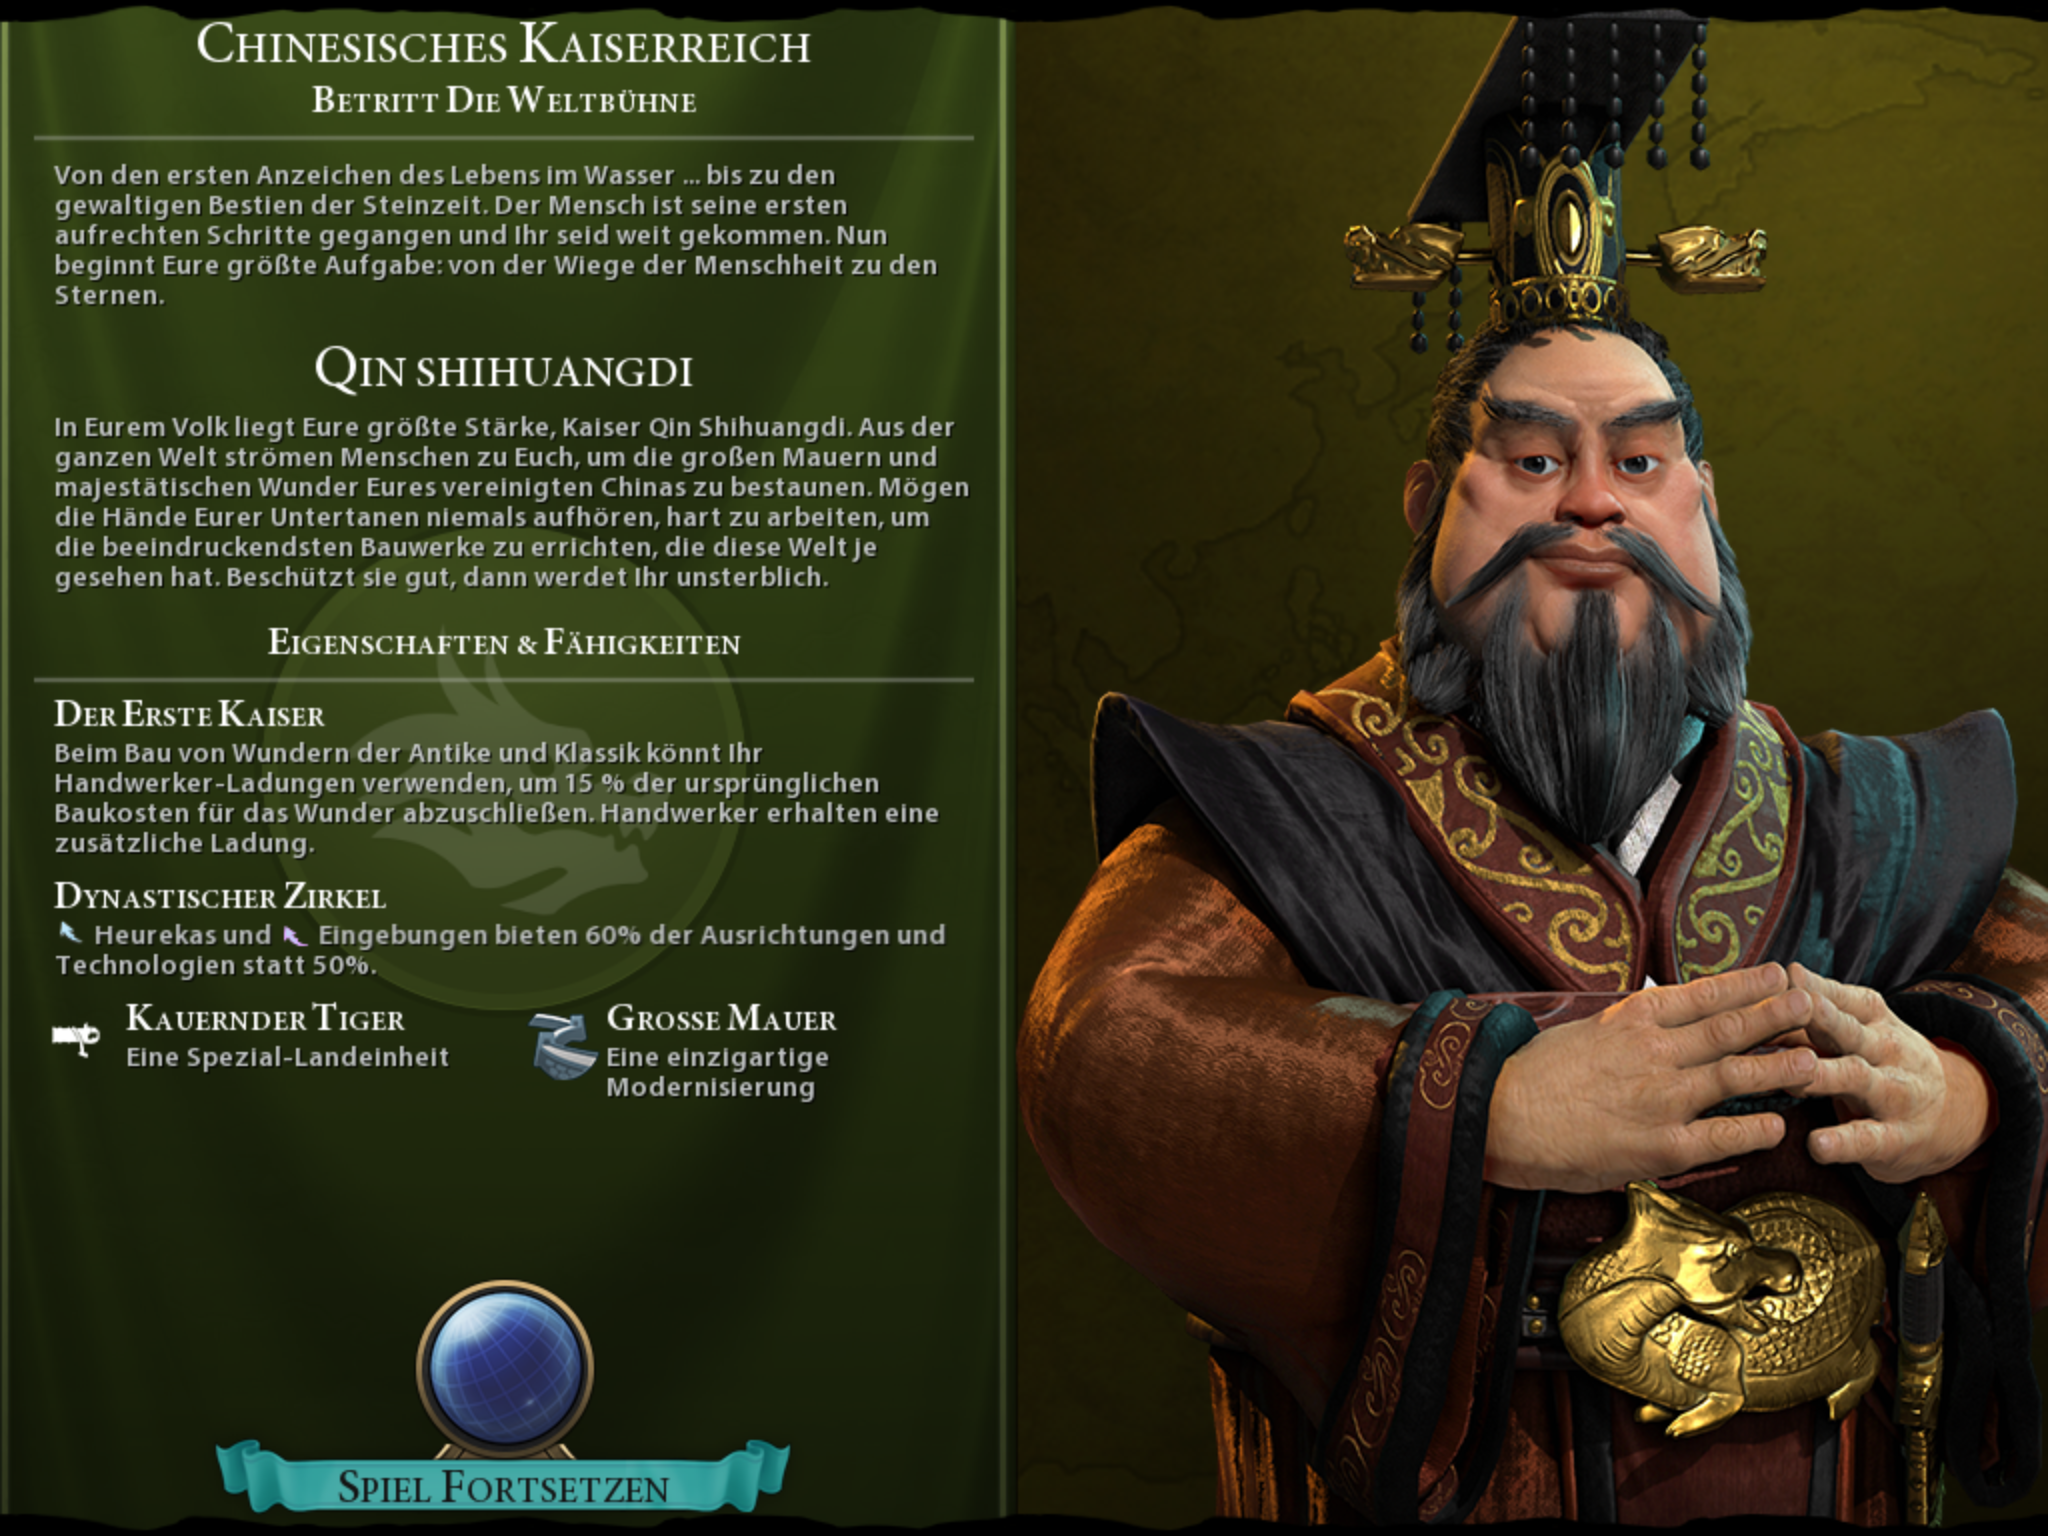 Civilization 6 auf iPad angespielt: Rundenbasierte Spieltiefe erobert Flachdisplay - Mit dem chinesischen Kaiser starten wir zur ersten Welteroberung. (Bild: 2K Games/Screenshot: Golem.de)